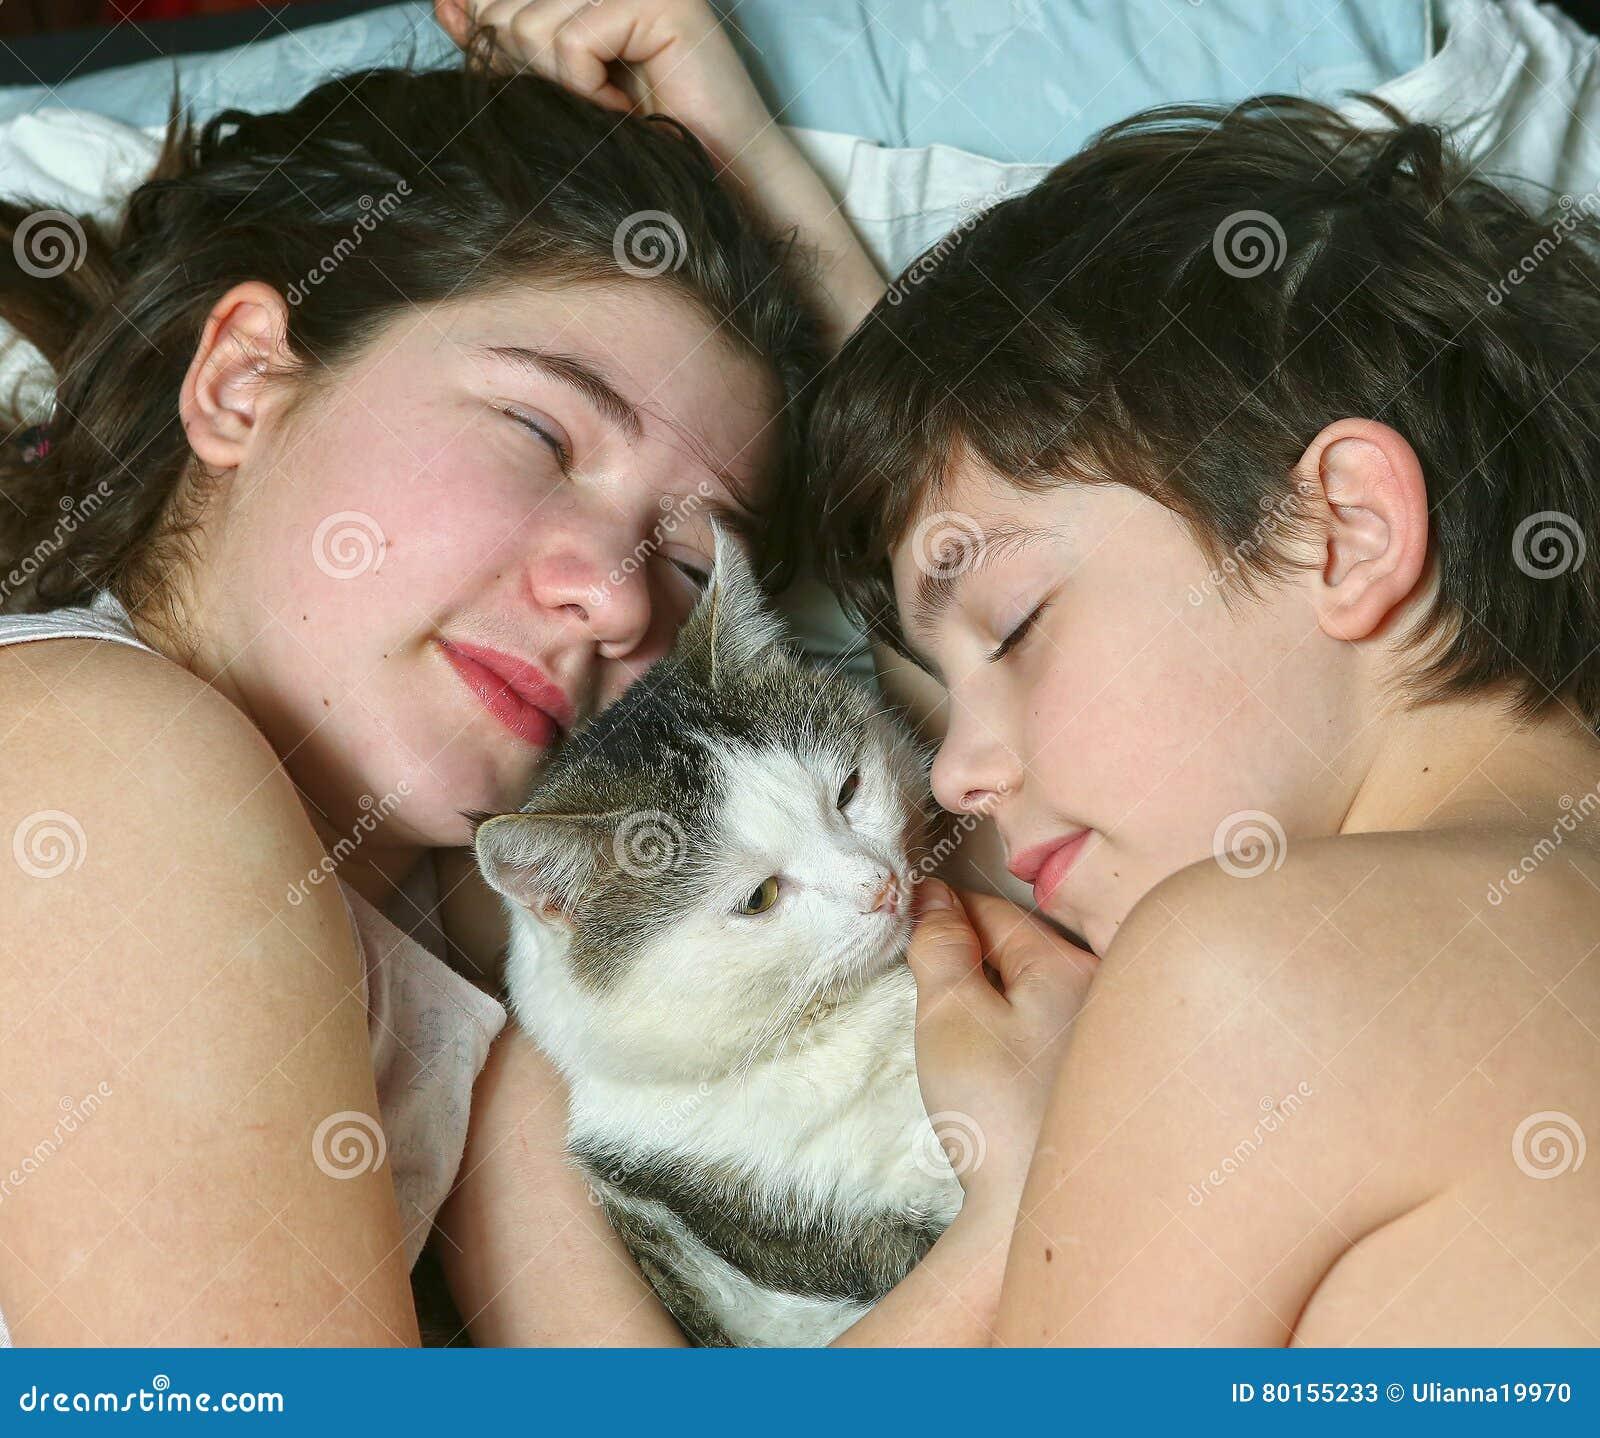 Мы вместе как спим фото сестрой видео с и